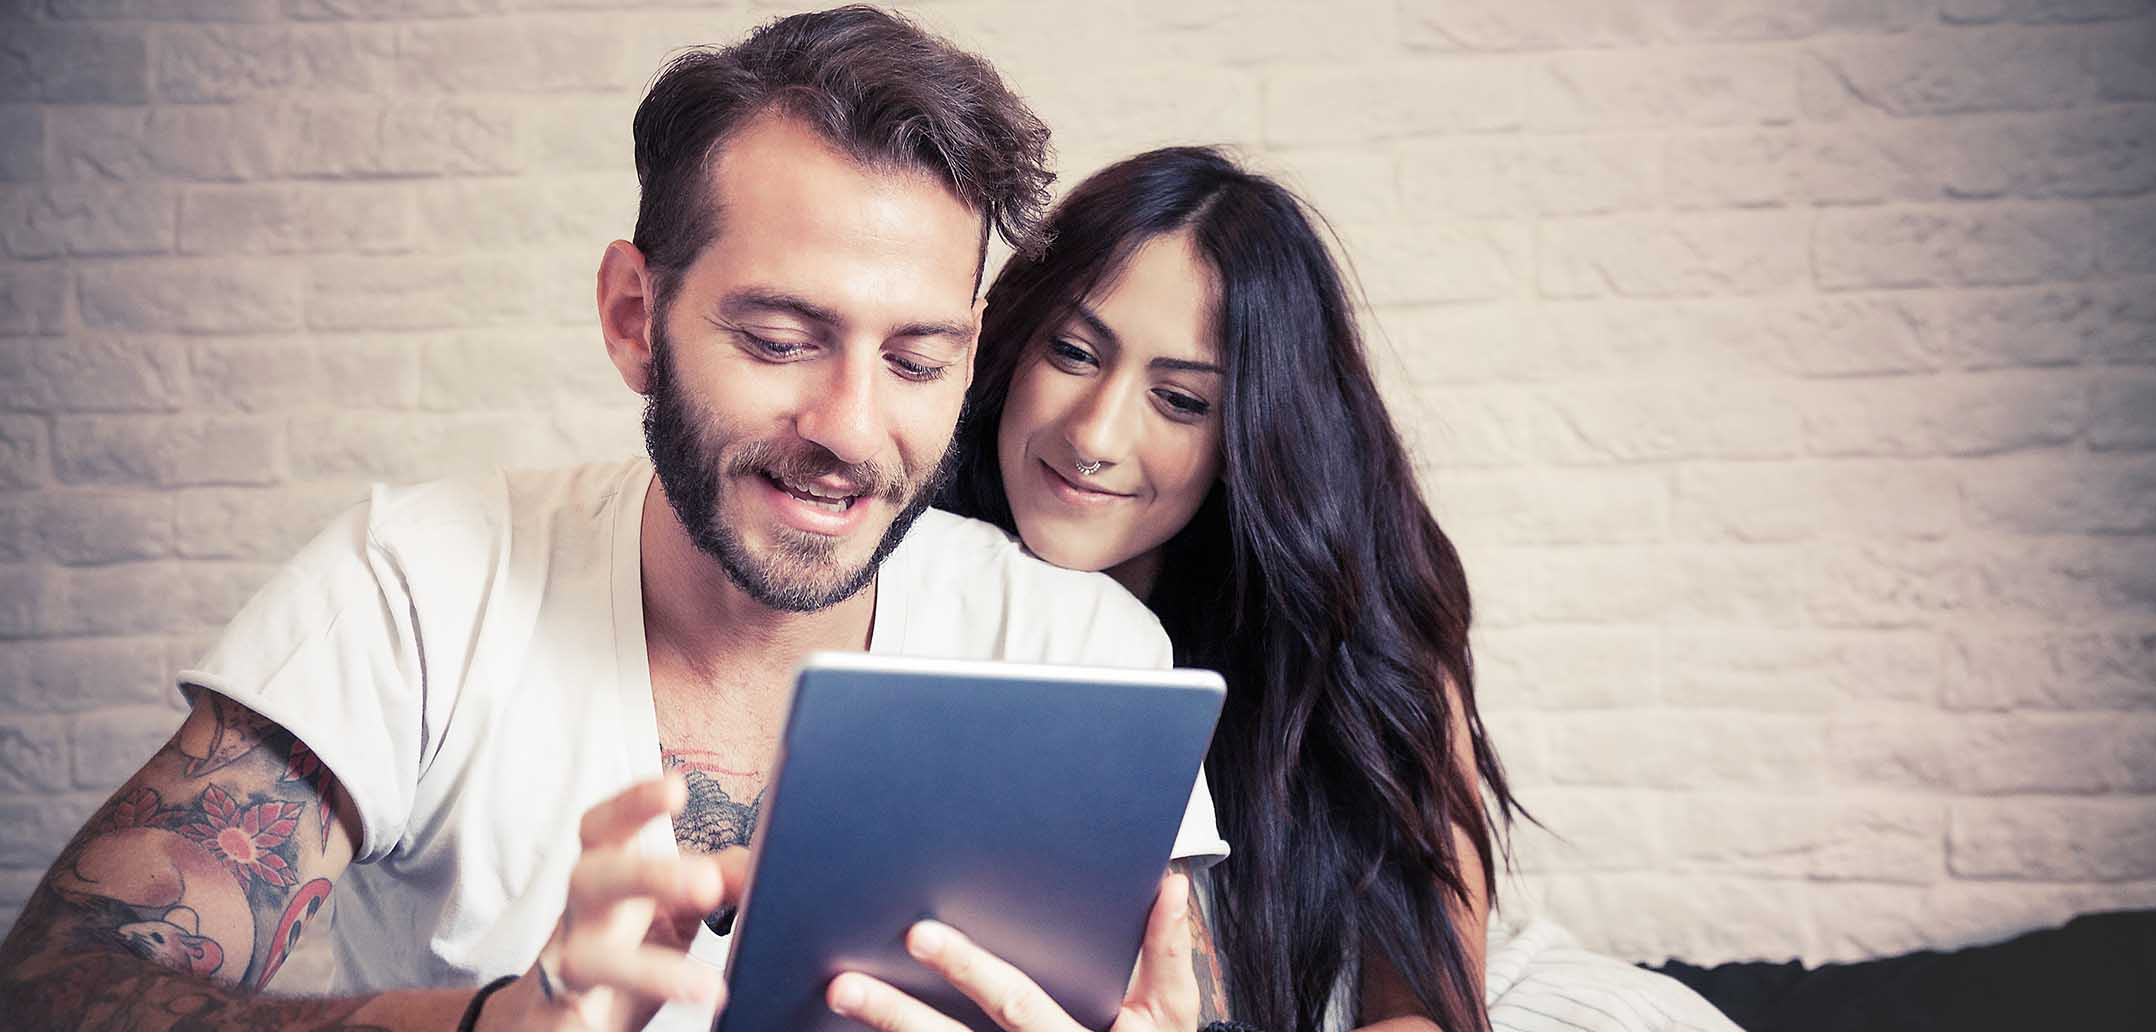 Wie Sie Ihrem Partner Ihre sexuellen Wünsche mitteilen, mit oder ohne App